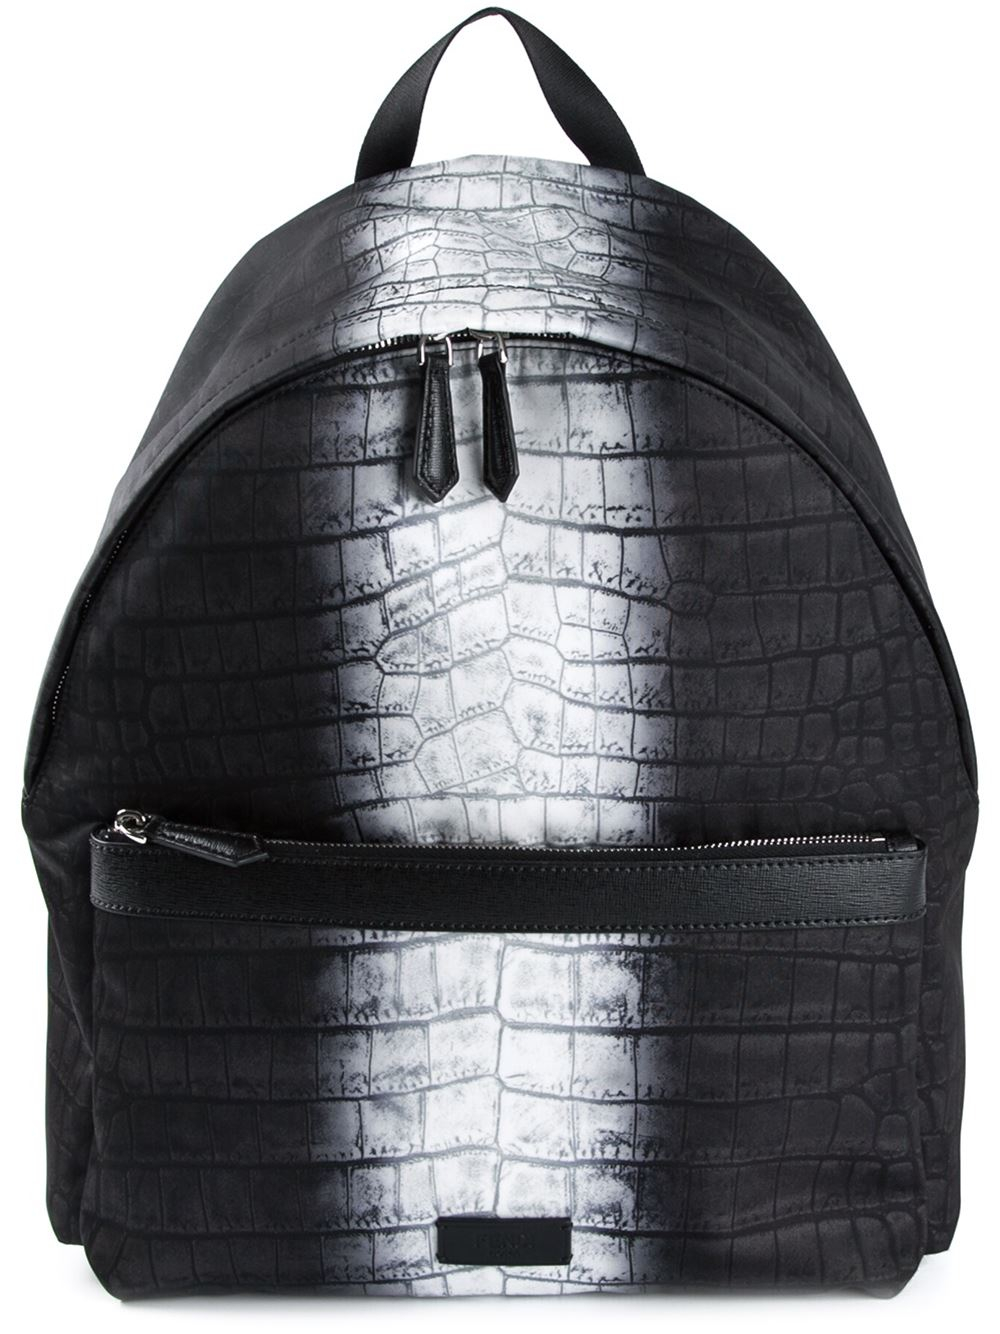 85e9f765d4d9 Lyst - Fendi  Code  Backpack in Black for Men